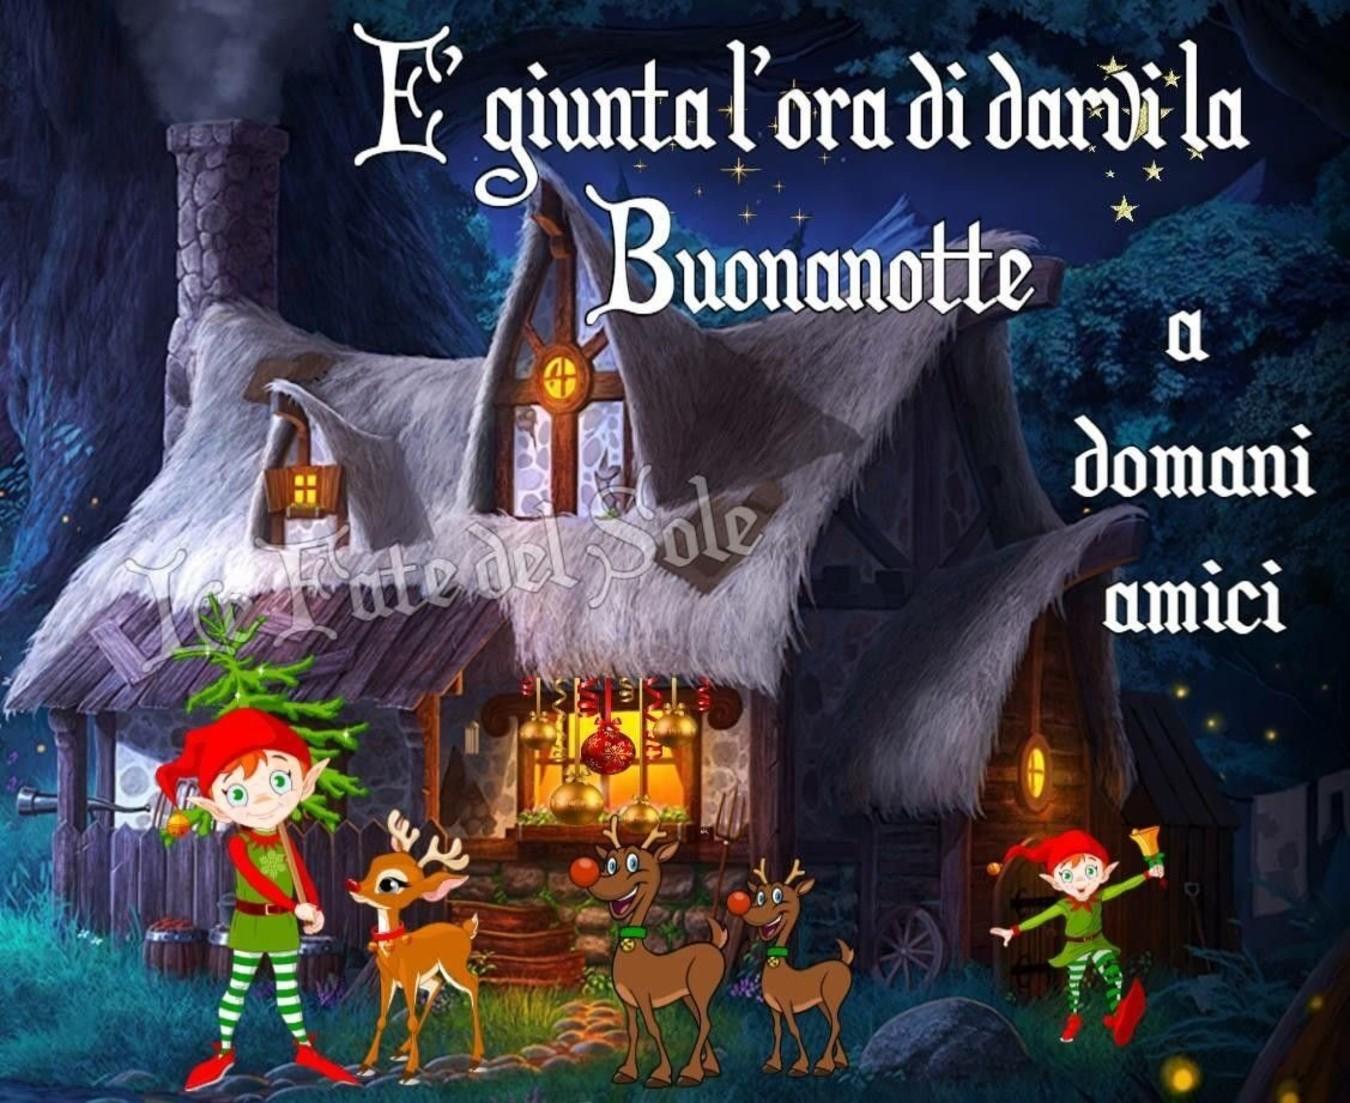 Immagini Buonanotte natalizie 2